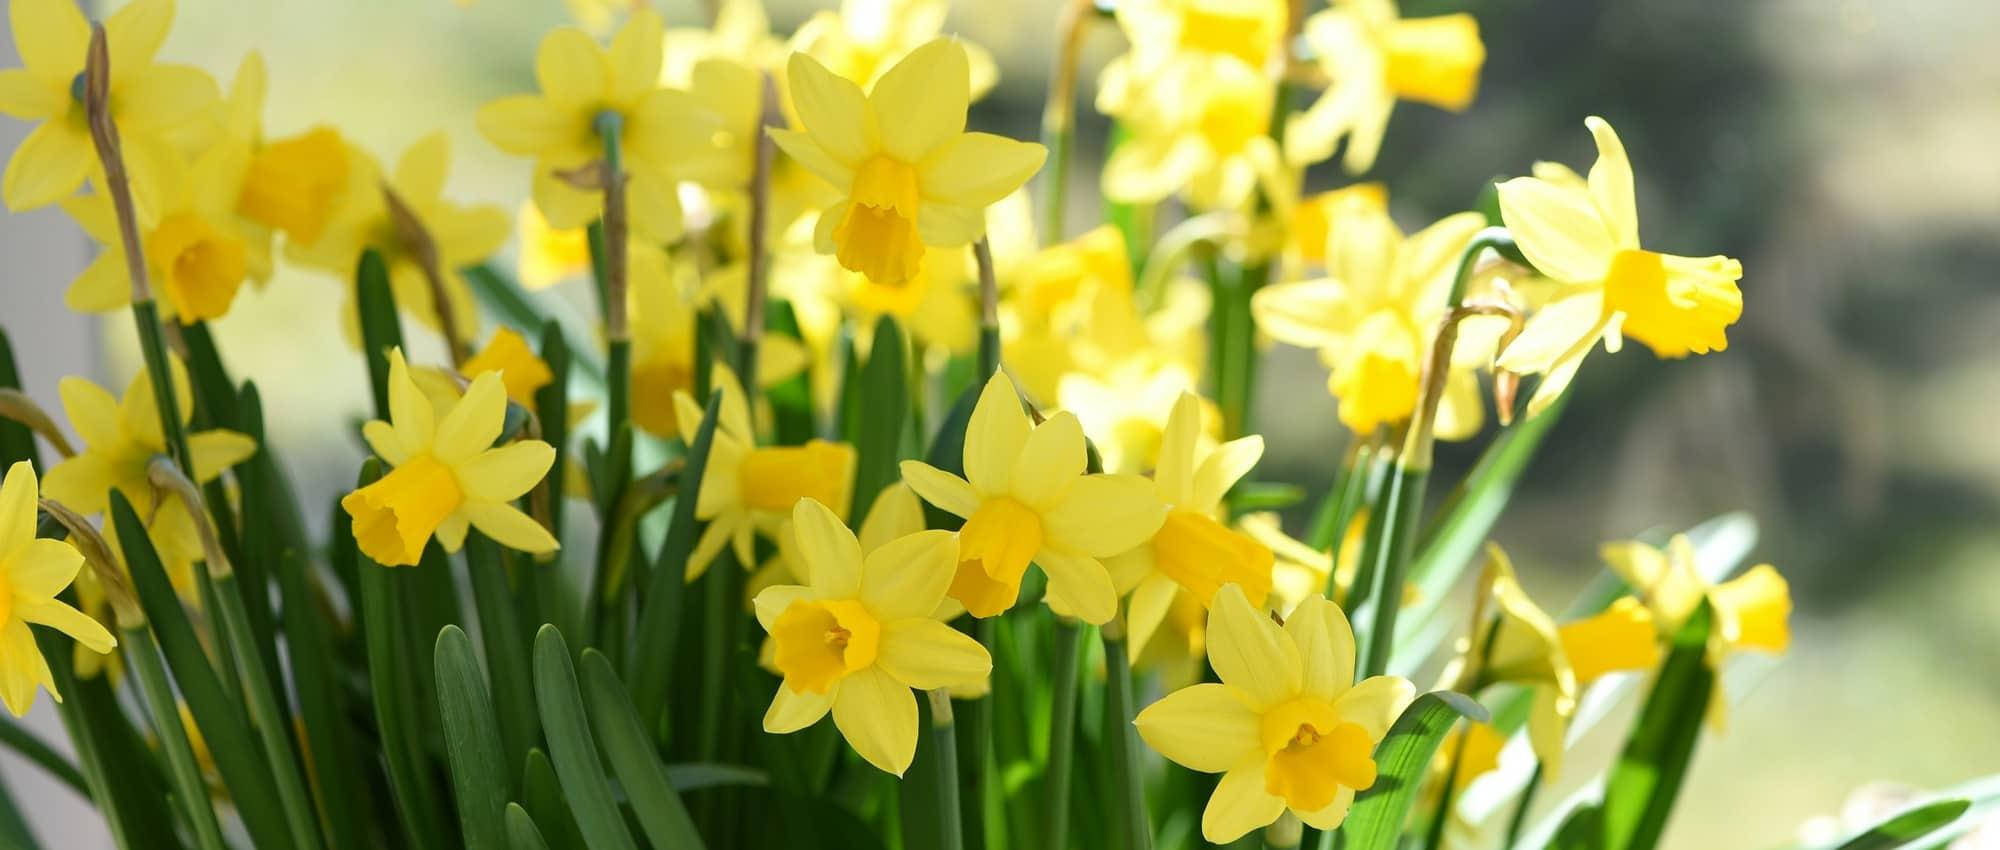 Jonquille narcisse plantation culture et entretien for Entretien jardin printemps